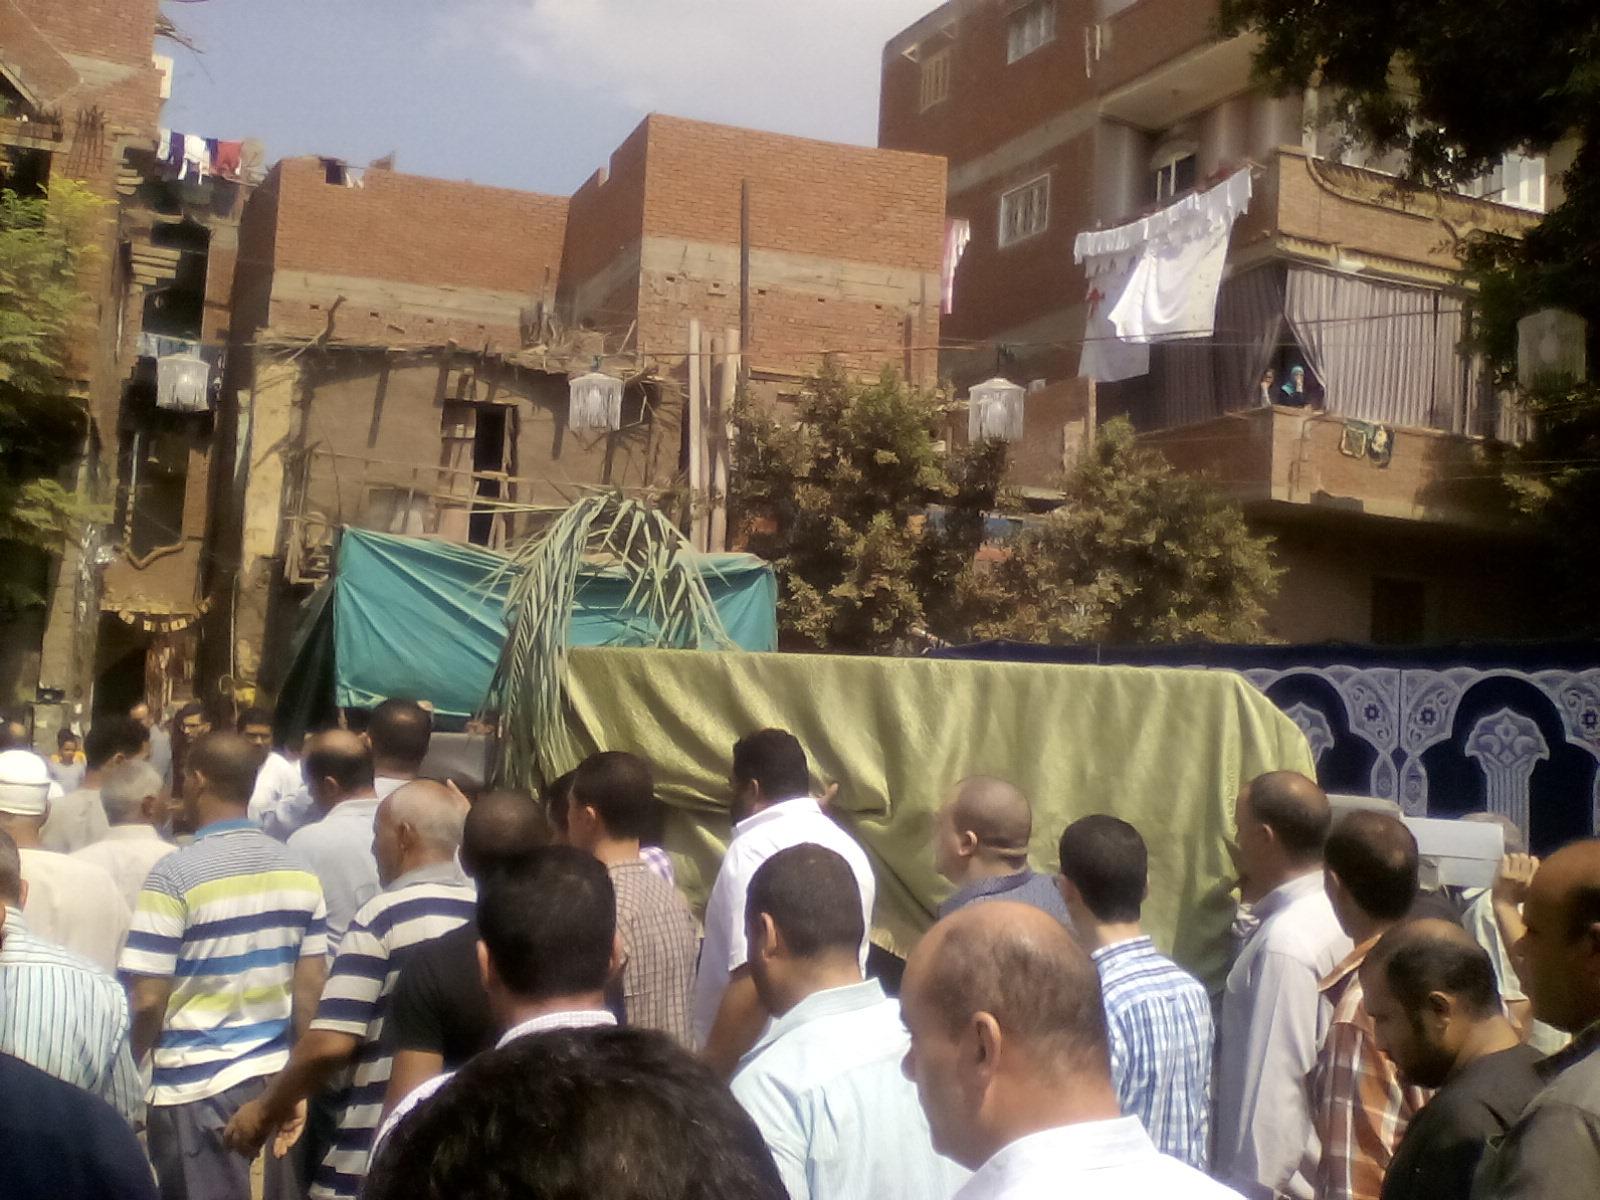 وصول جثمان شقيقة السادات إلى قرية ميت أبو الكرم بالمنوفية (3)